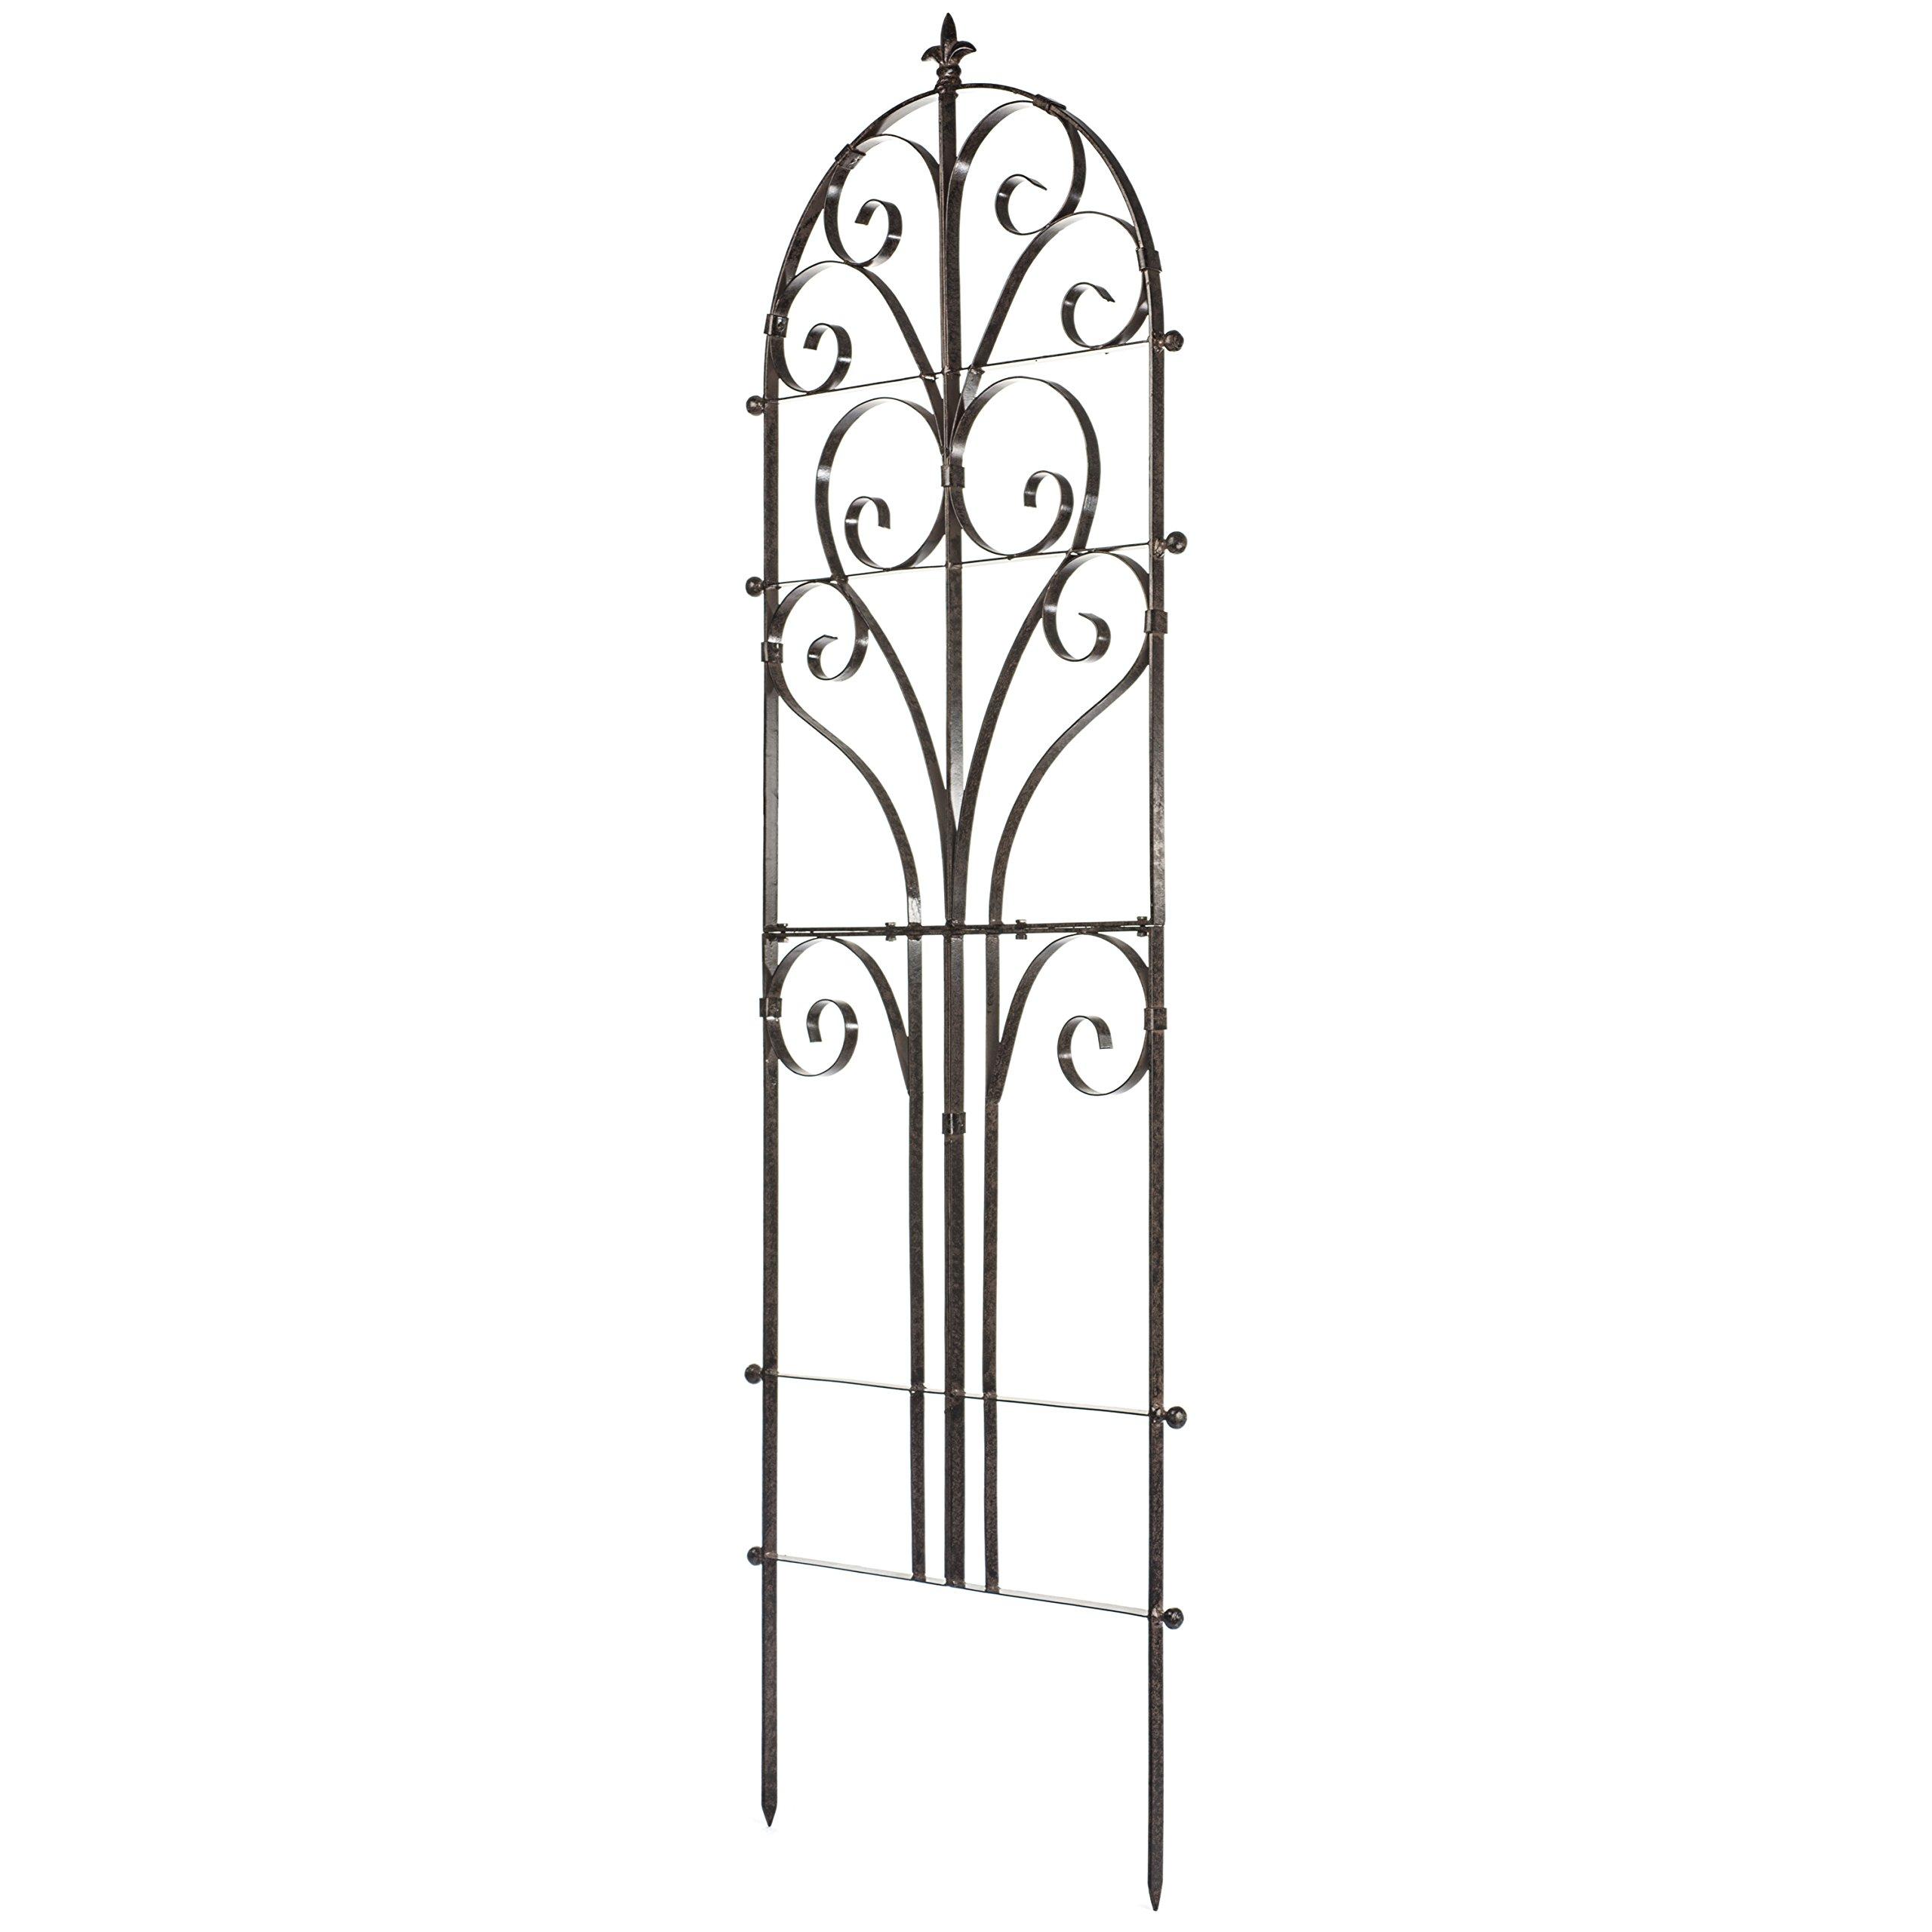 Amazon.com : H Potter Italian Iron Garden Plant Trellis Metal Weather  Resistant Wall Art : Garden U0026 Outdoor